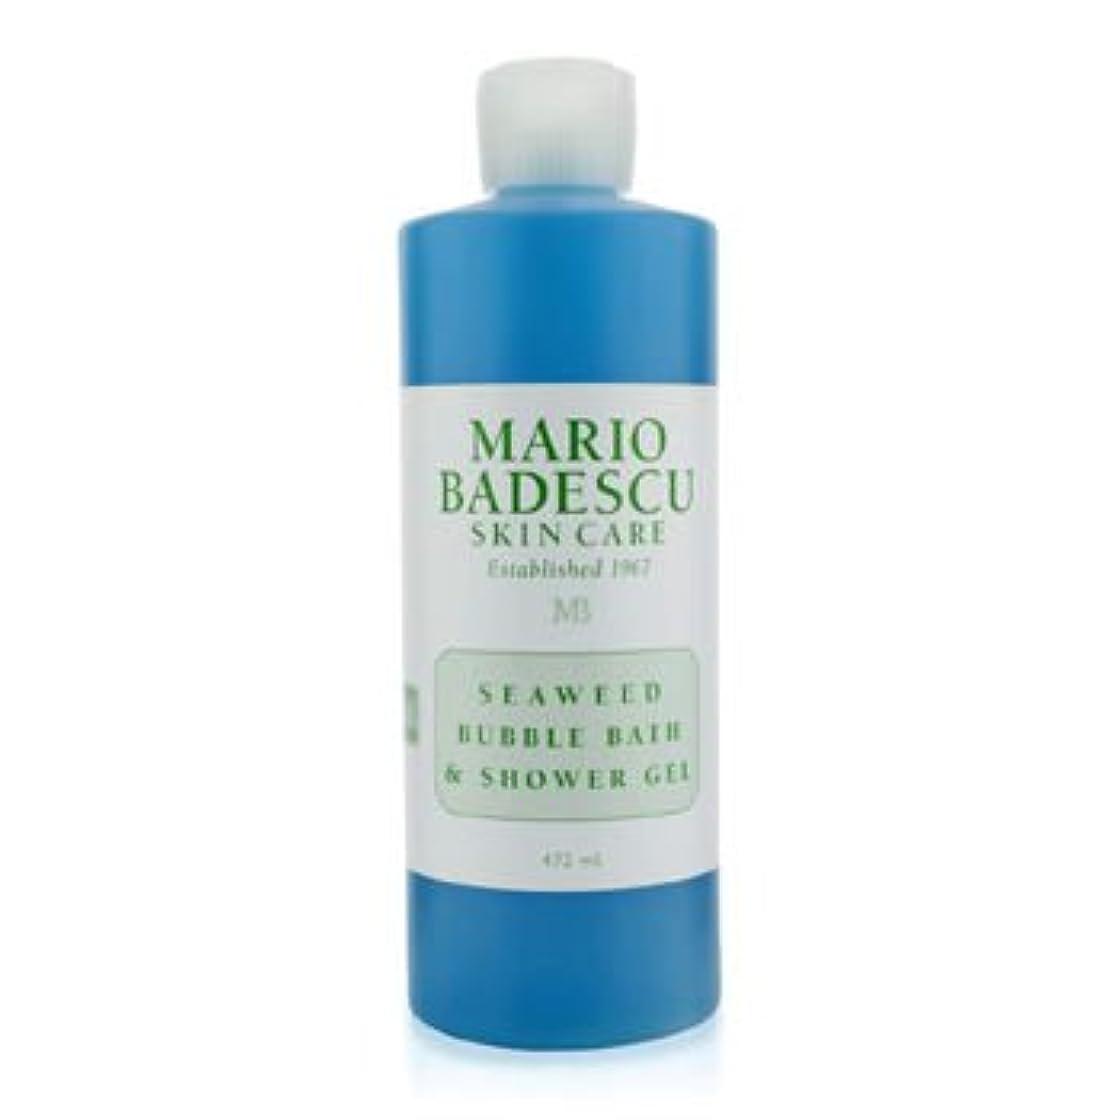 キロメートル遅れ評論家[Mario Badescu] Seaweed Bubble Bath & Shower Gel 472ml/16oz